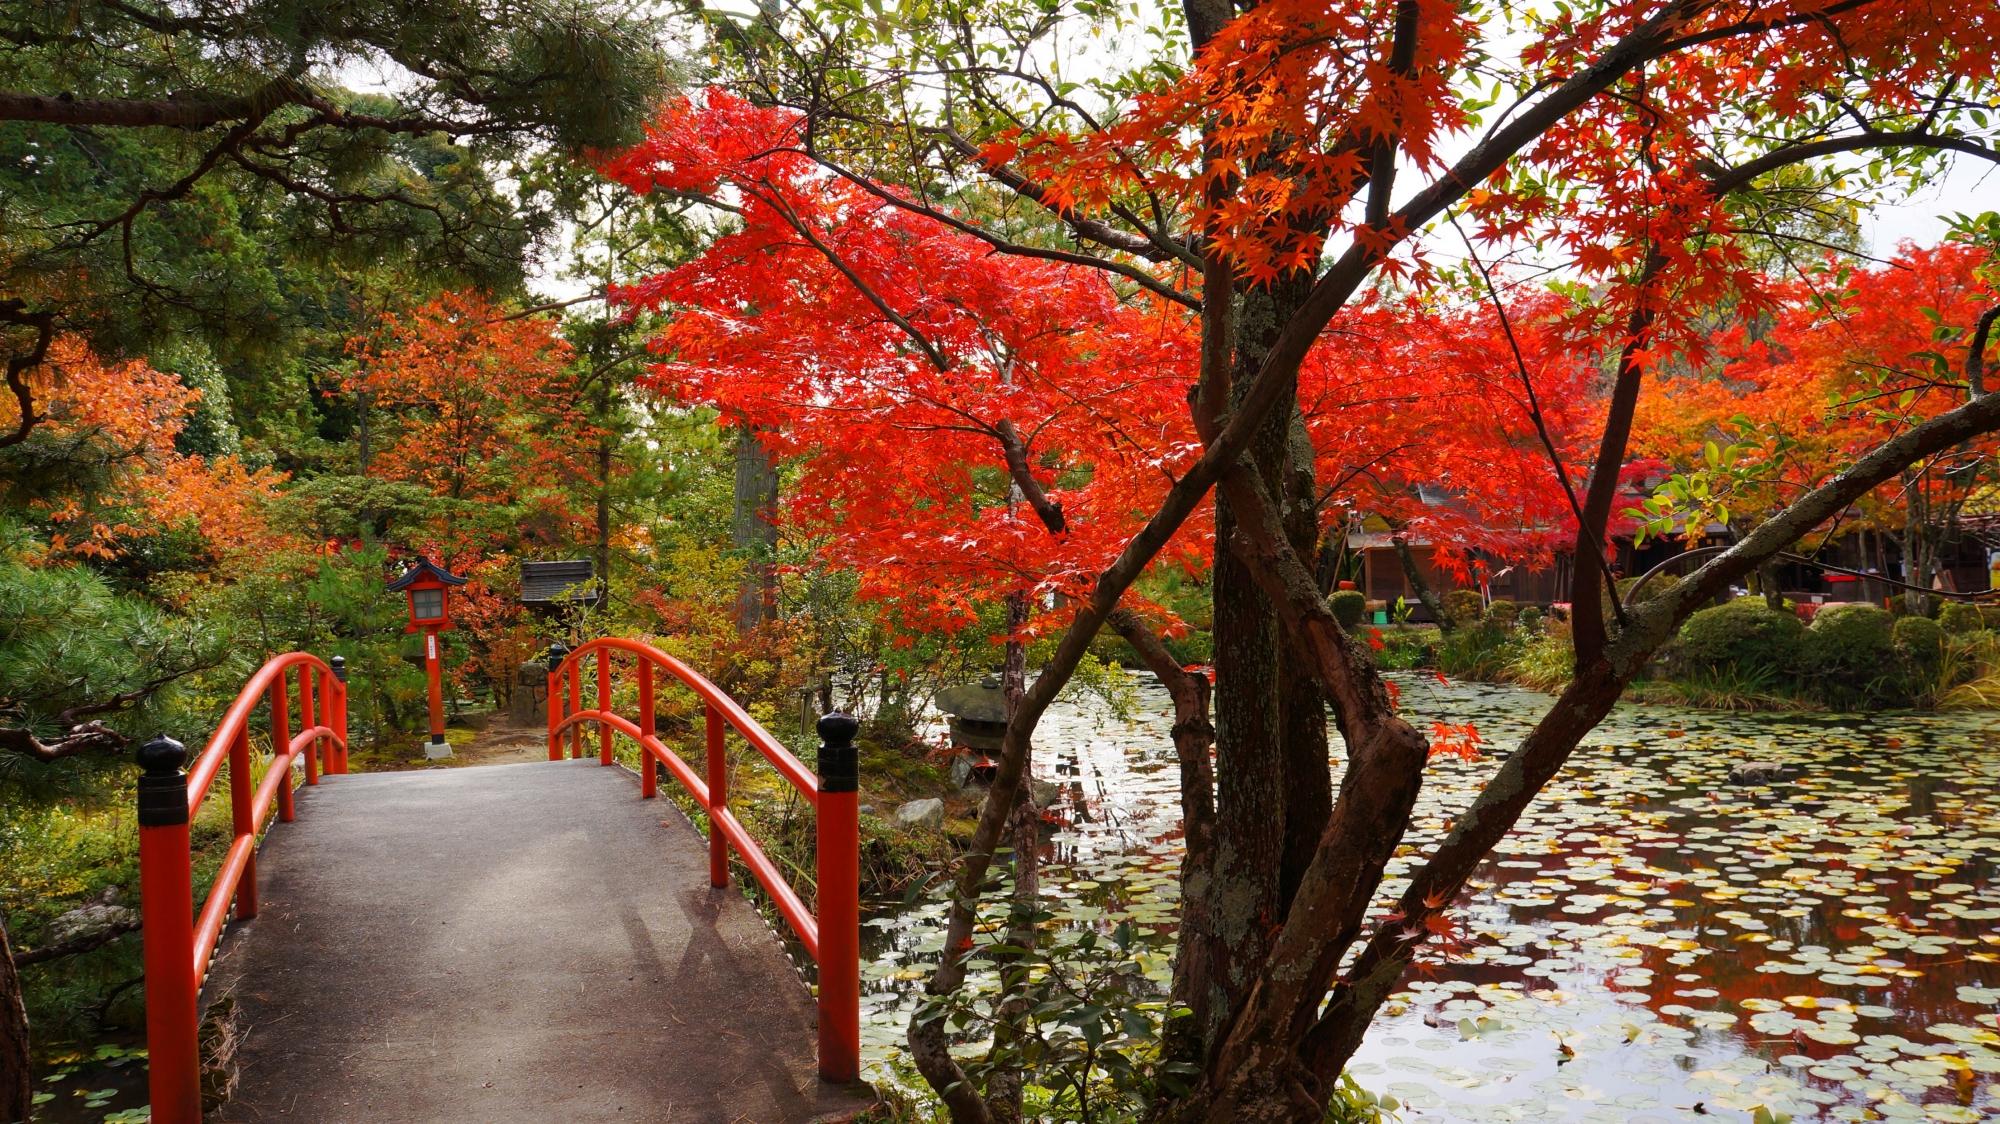 鯉沢の池の風情ある美しい紅葉